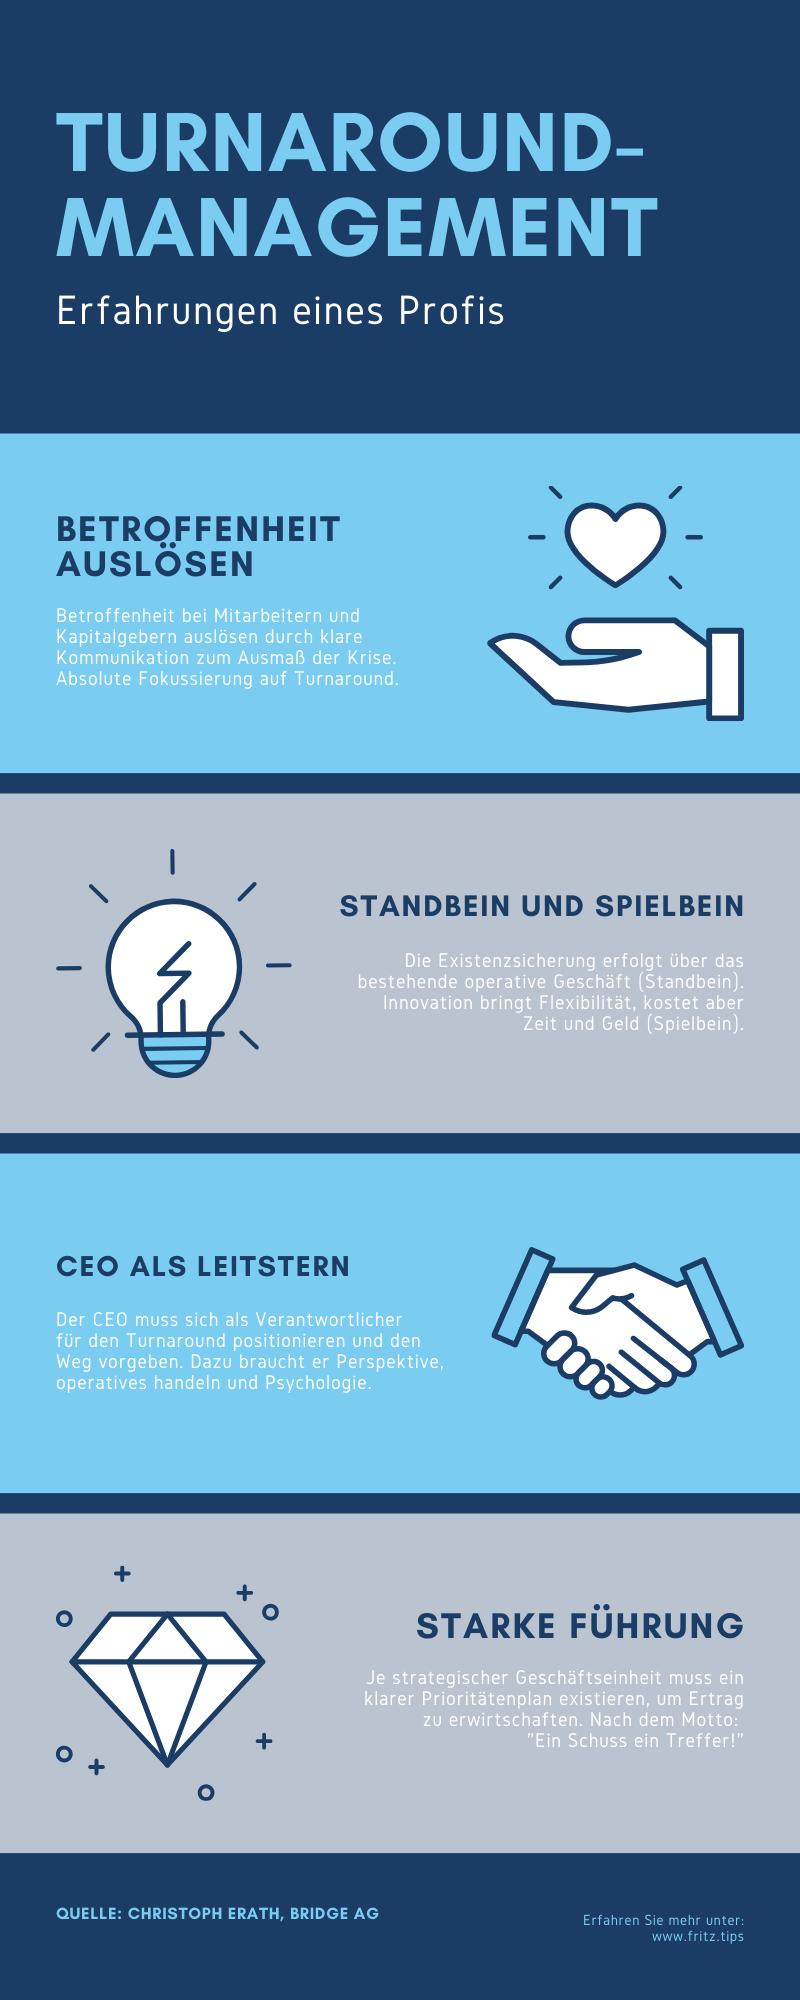 FRITZ Turnaround-Management